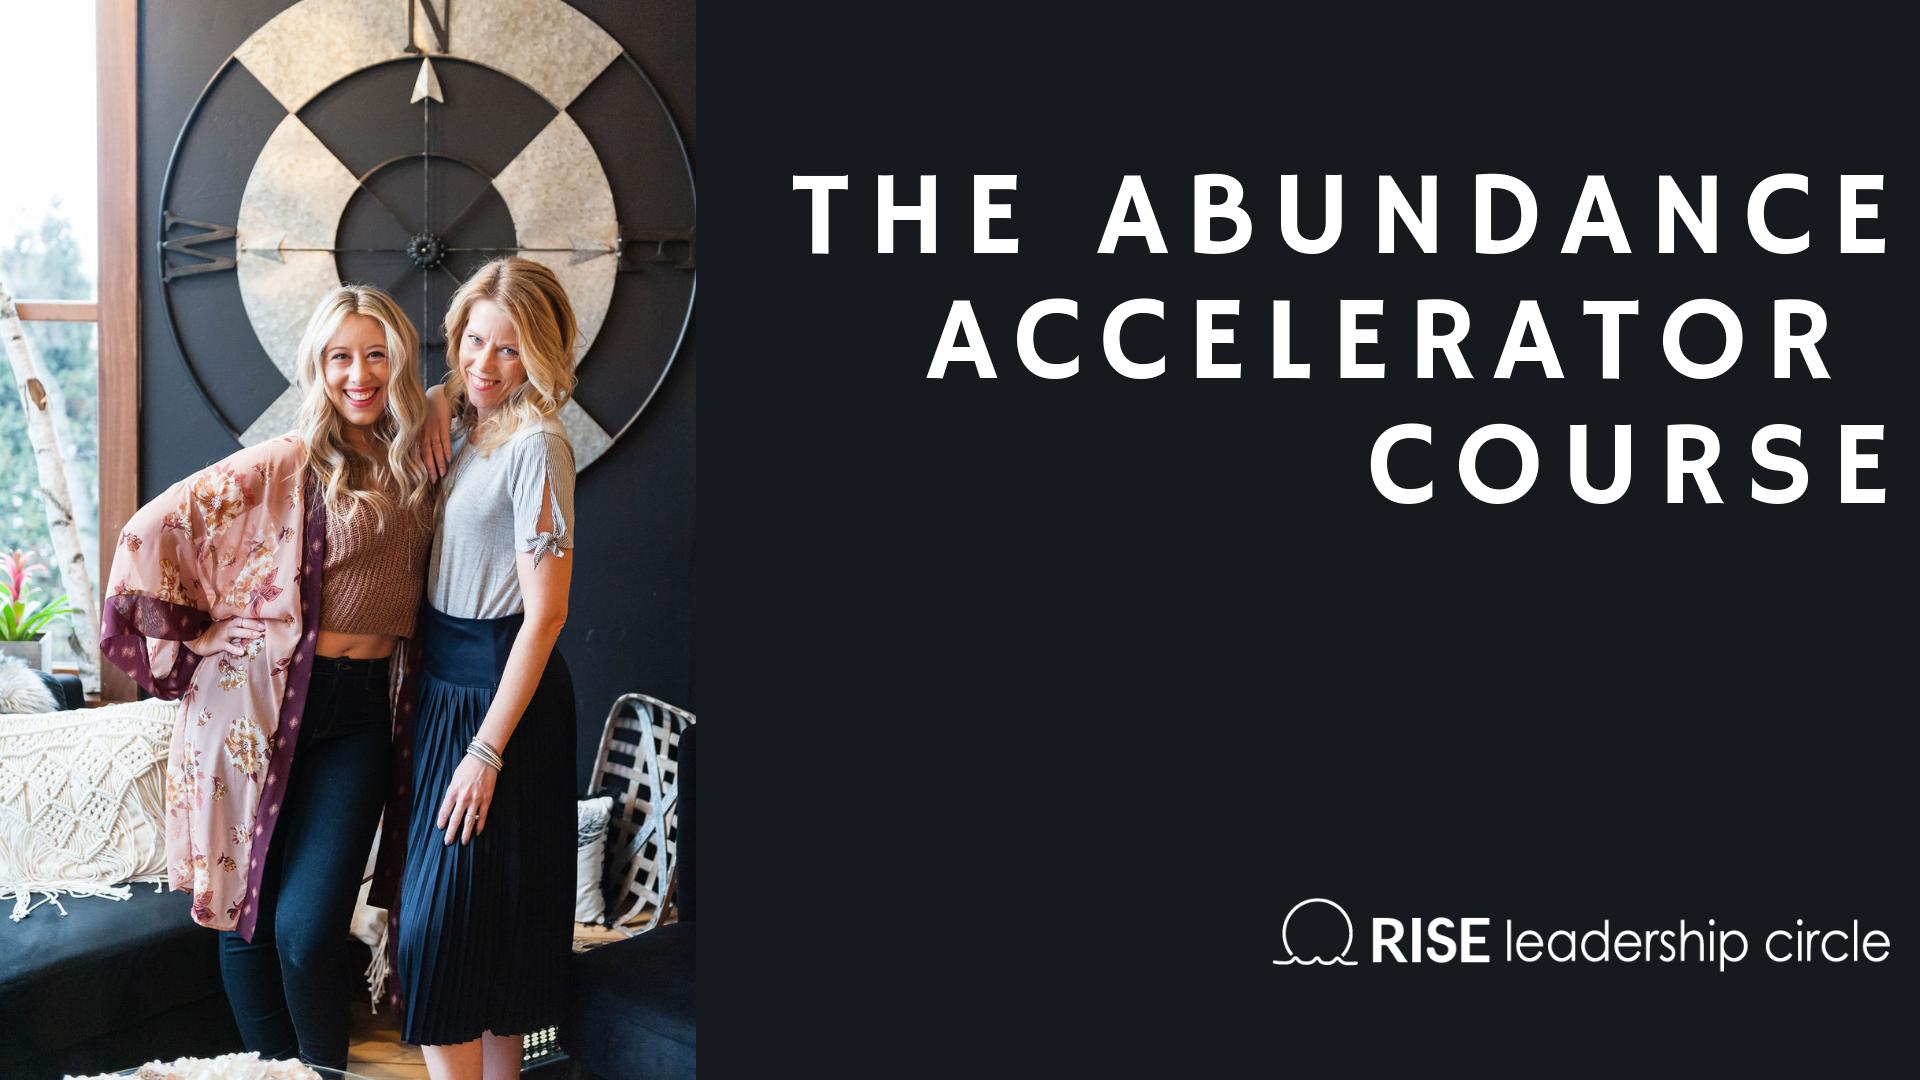 The Abundance Accelerator Course